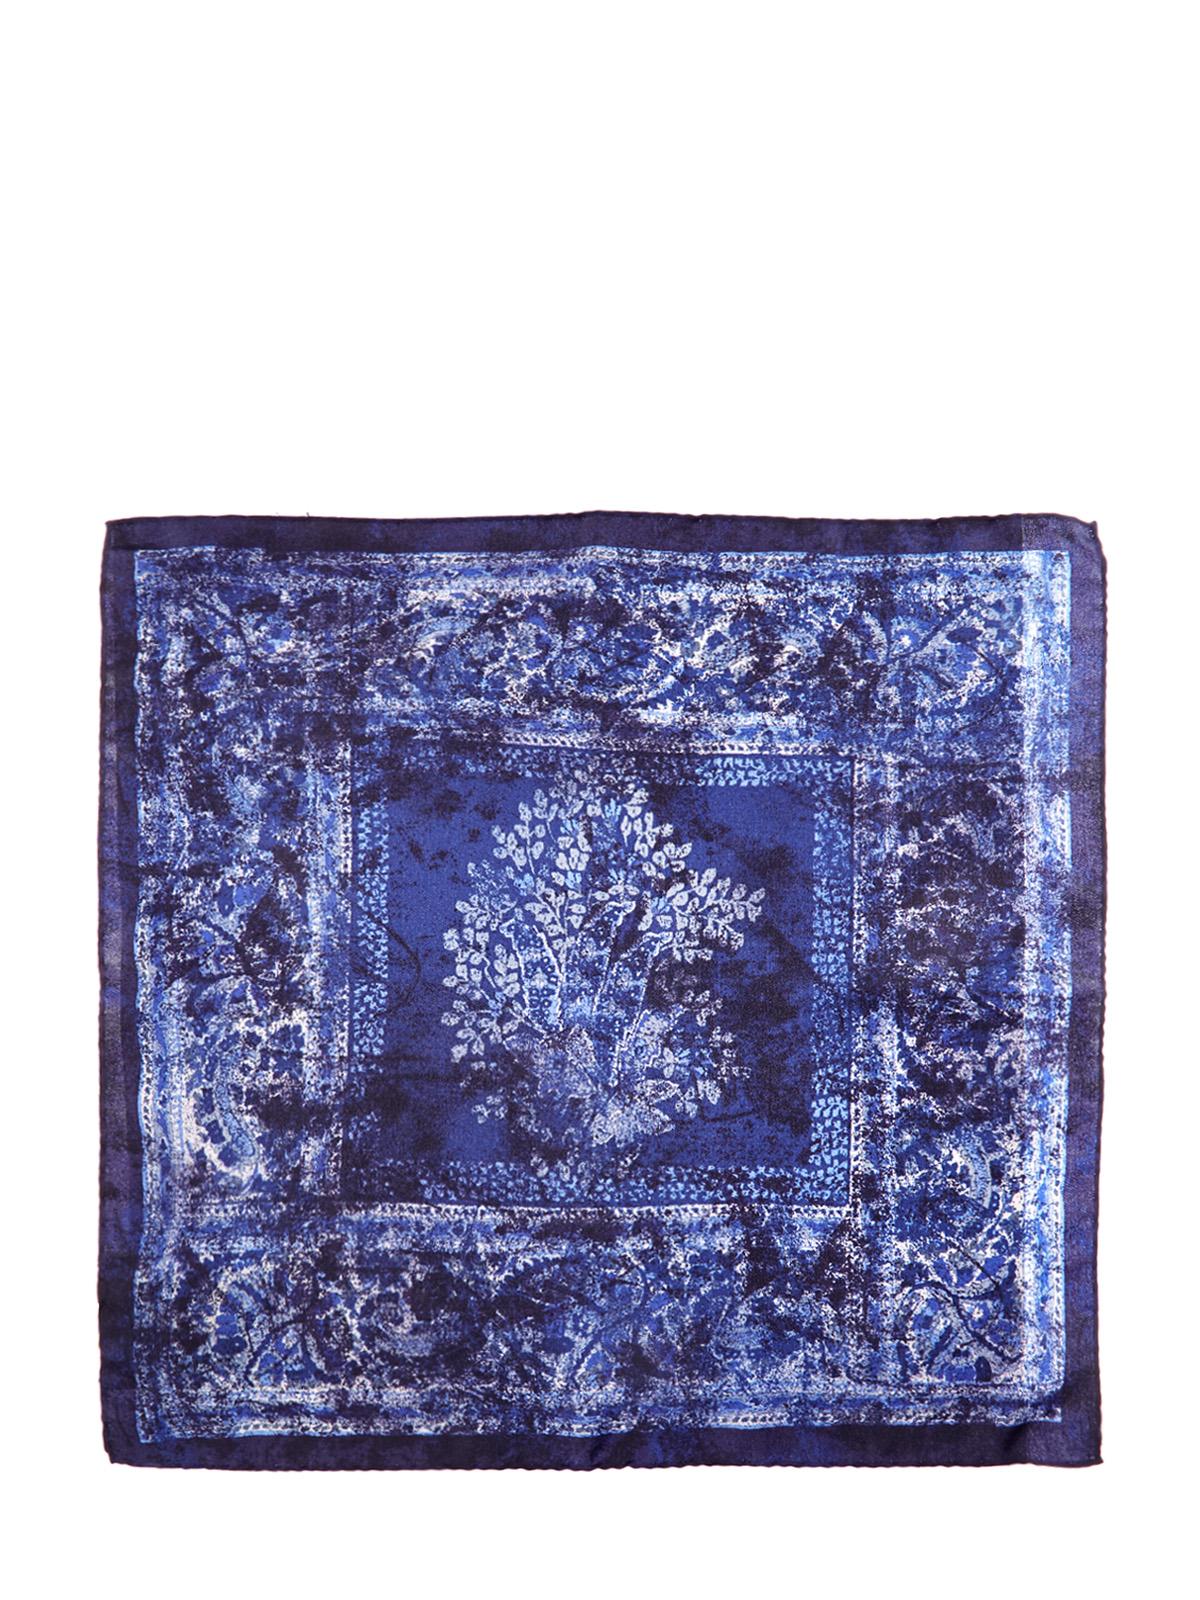 Платок-паше из шелка с принтом в синей гамме